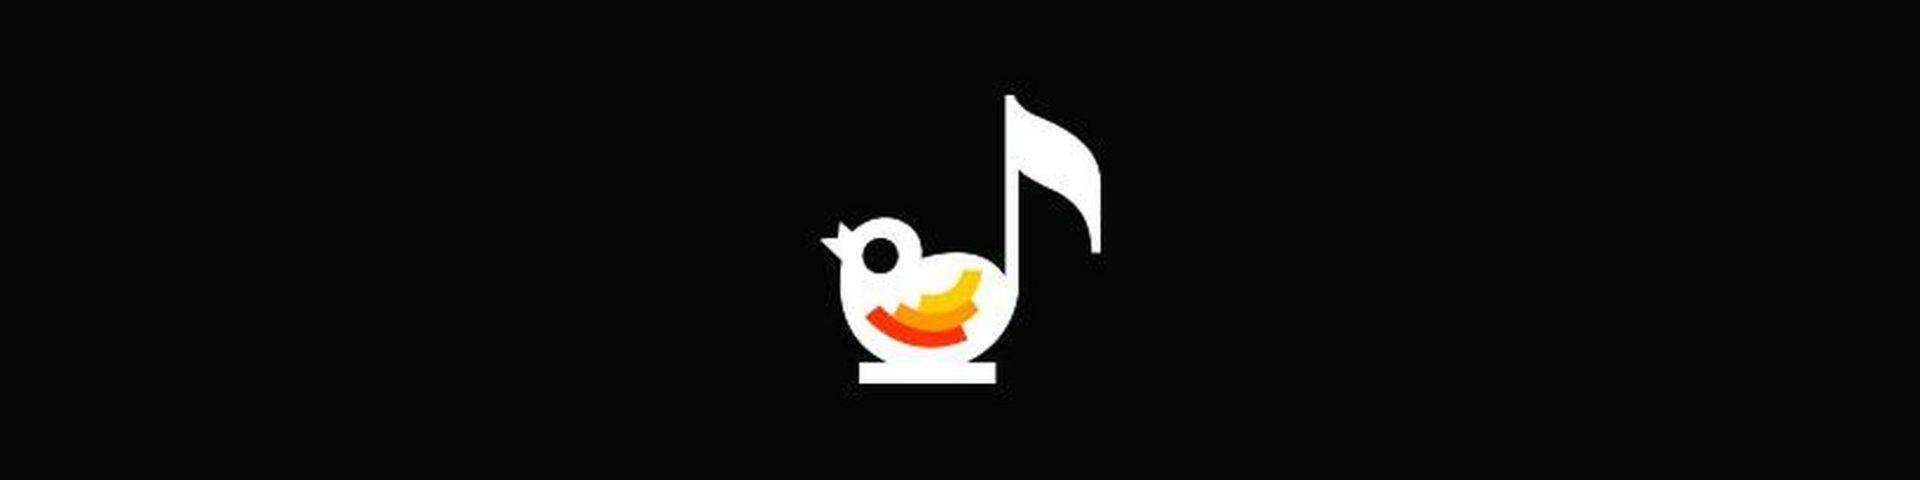 """Discoteca Laziale: """"Non lasciate che il silenzio prevalga sulla musica"""""""